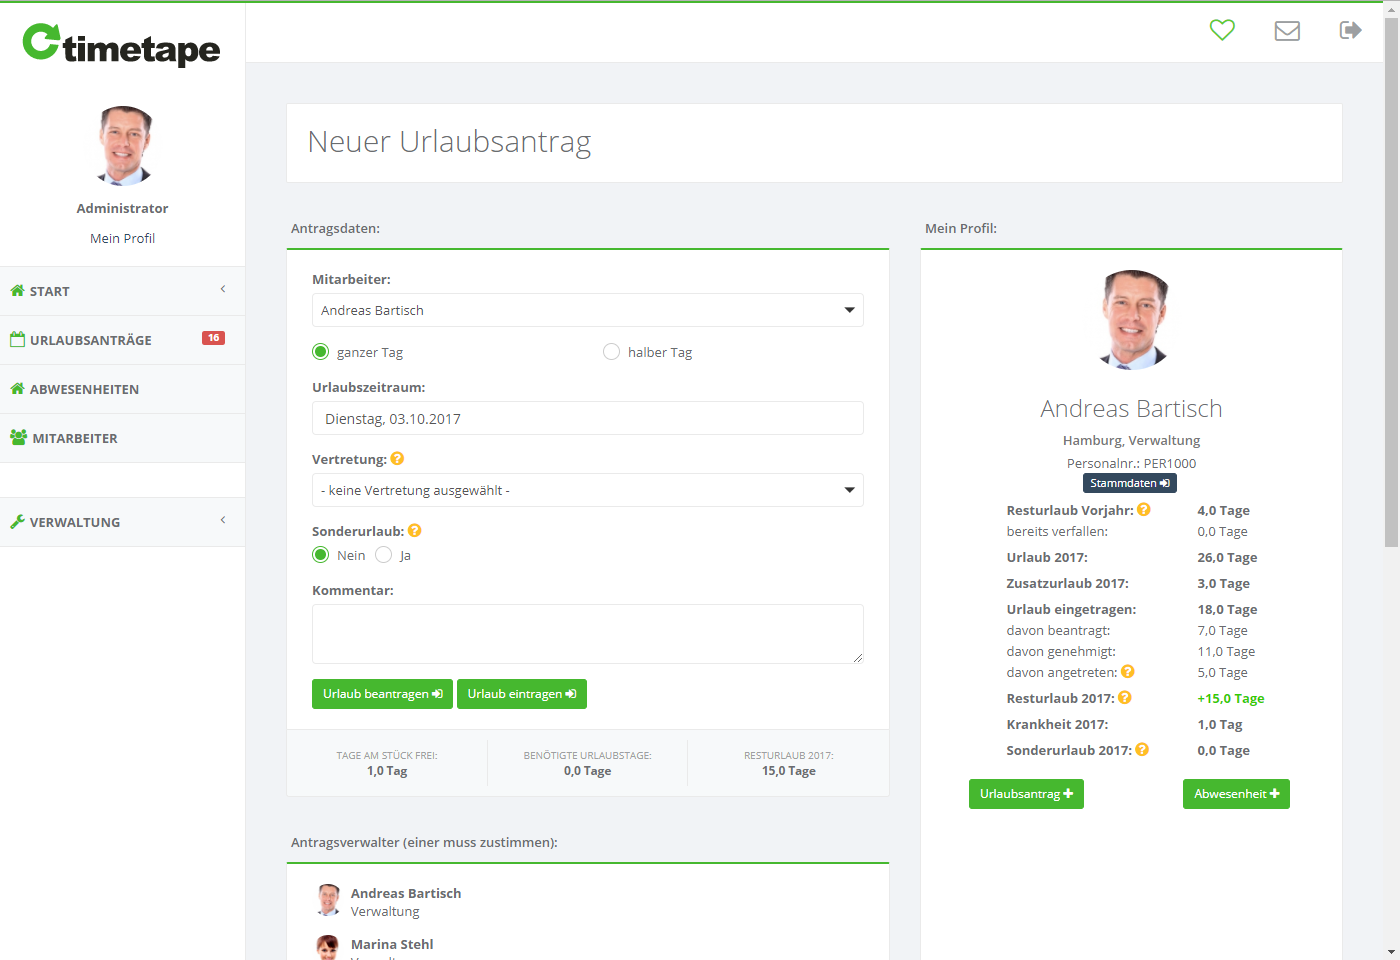 timetape – Online-Urlaubsplaner & Urlaubsverwaltung für Unternehmen